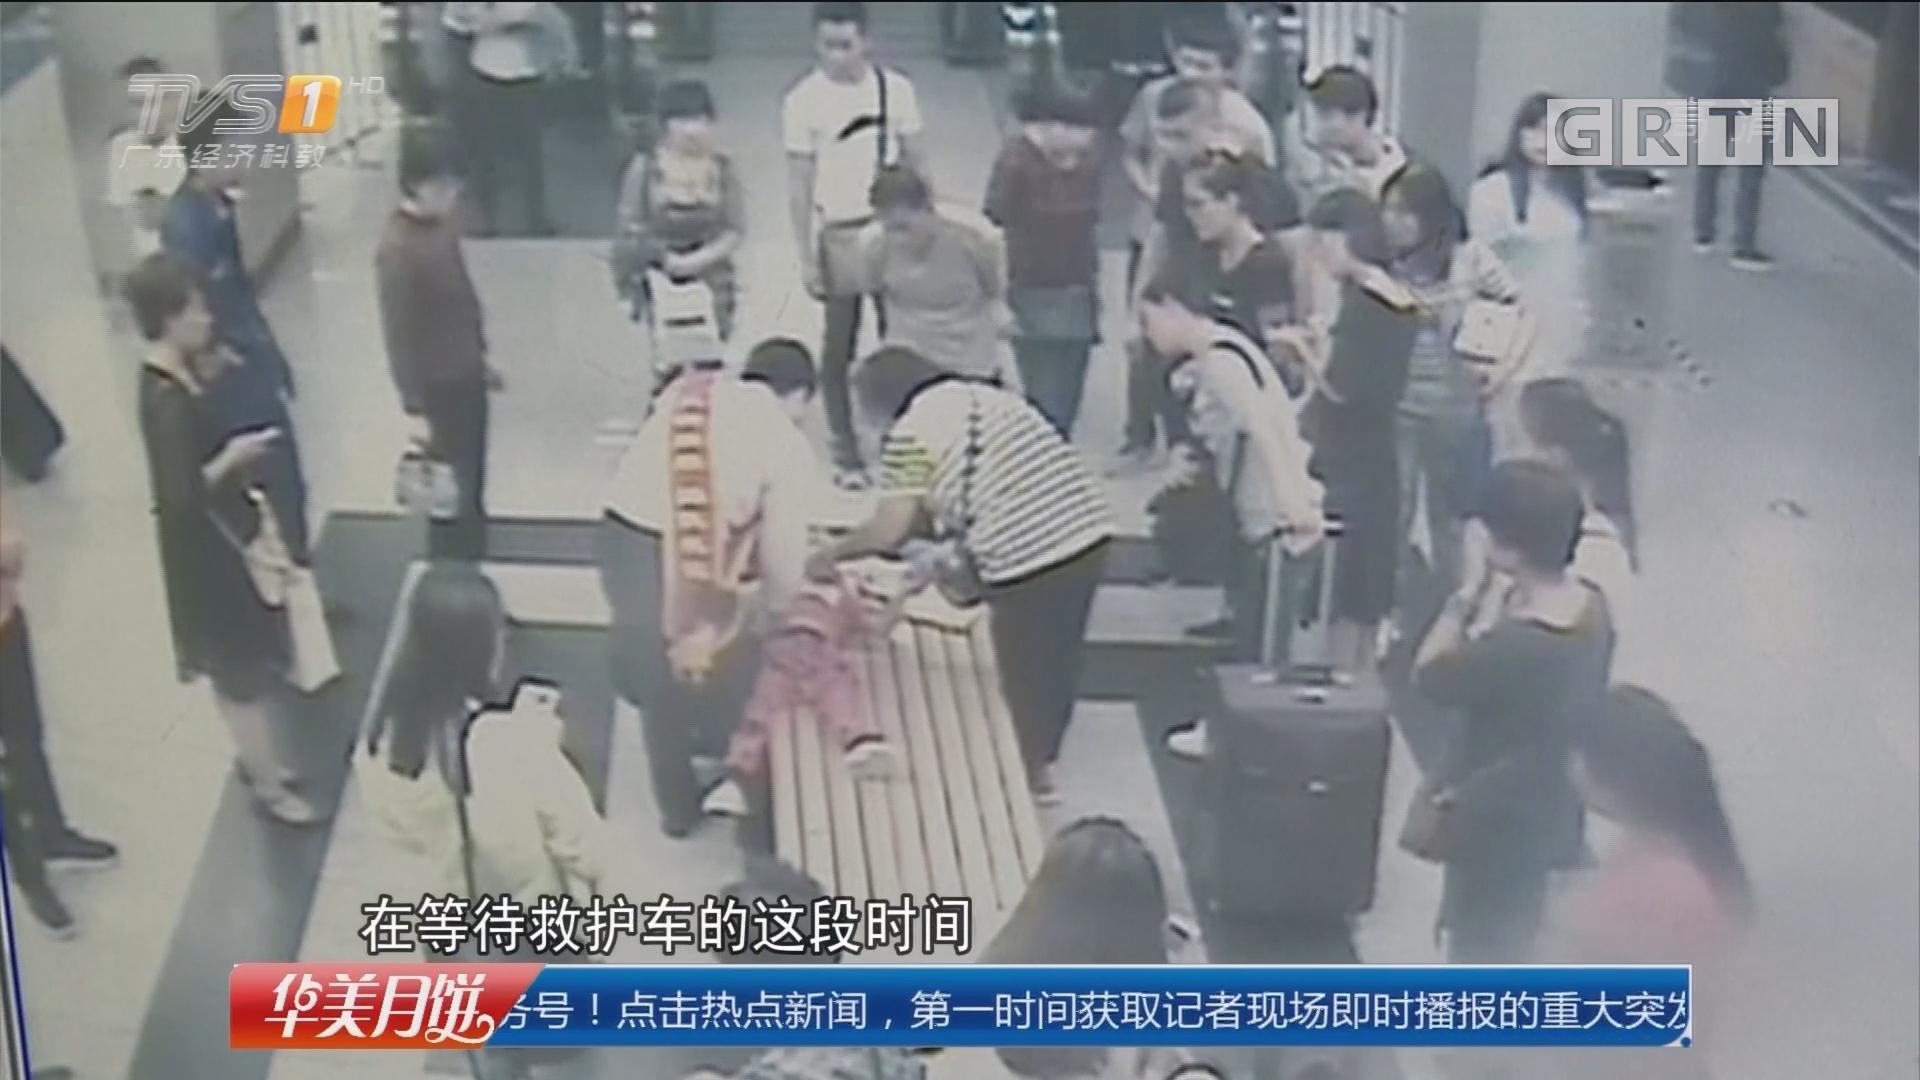 陕西:男童地铁站高烧抽搐 众人齐帮忙